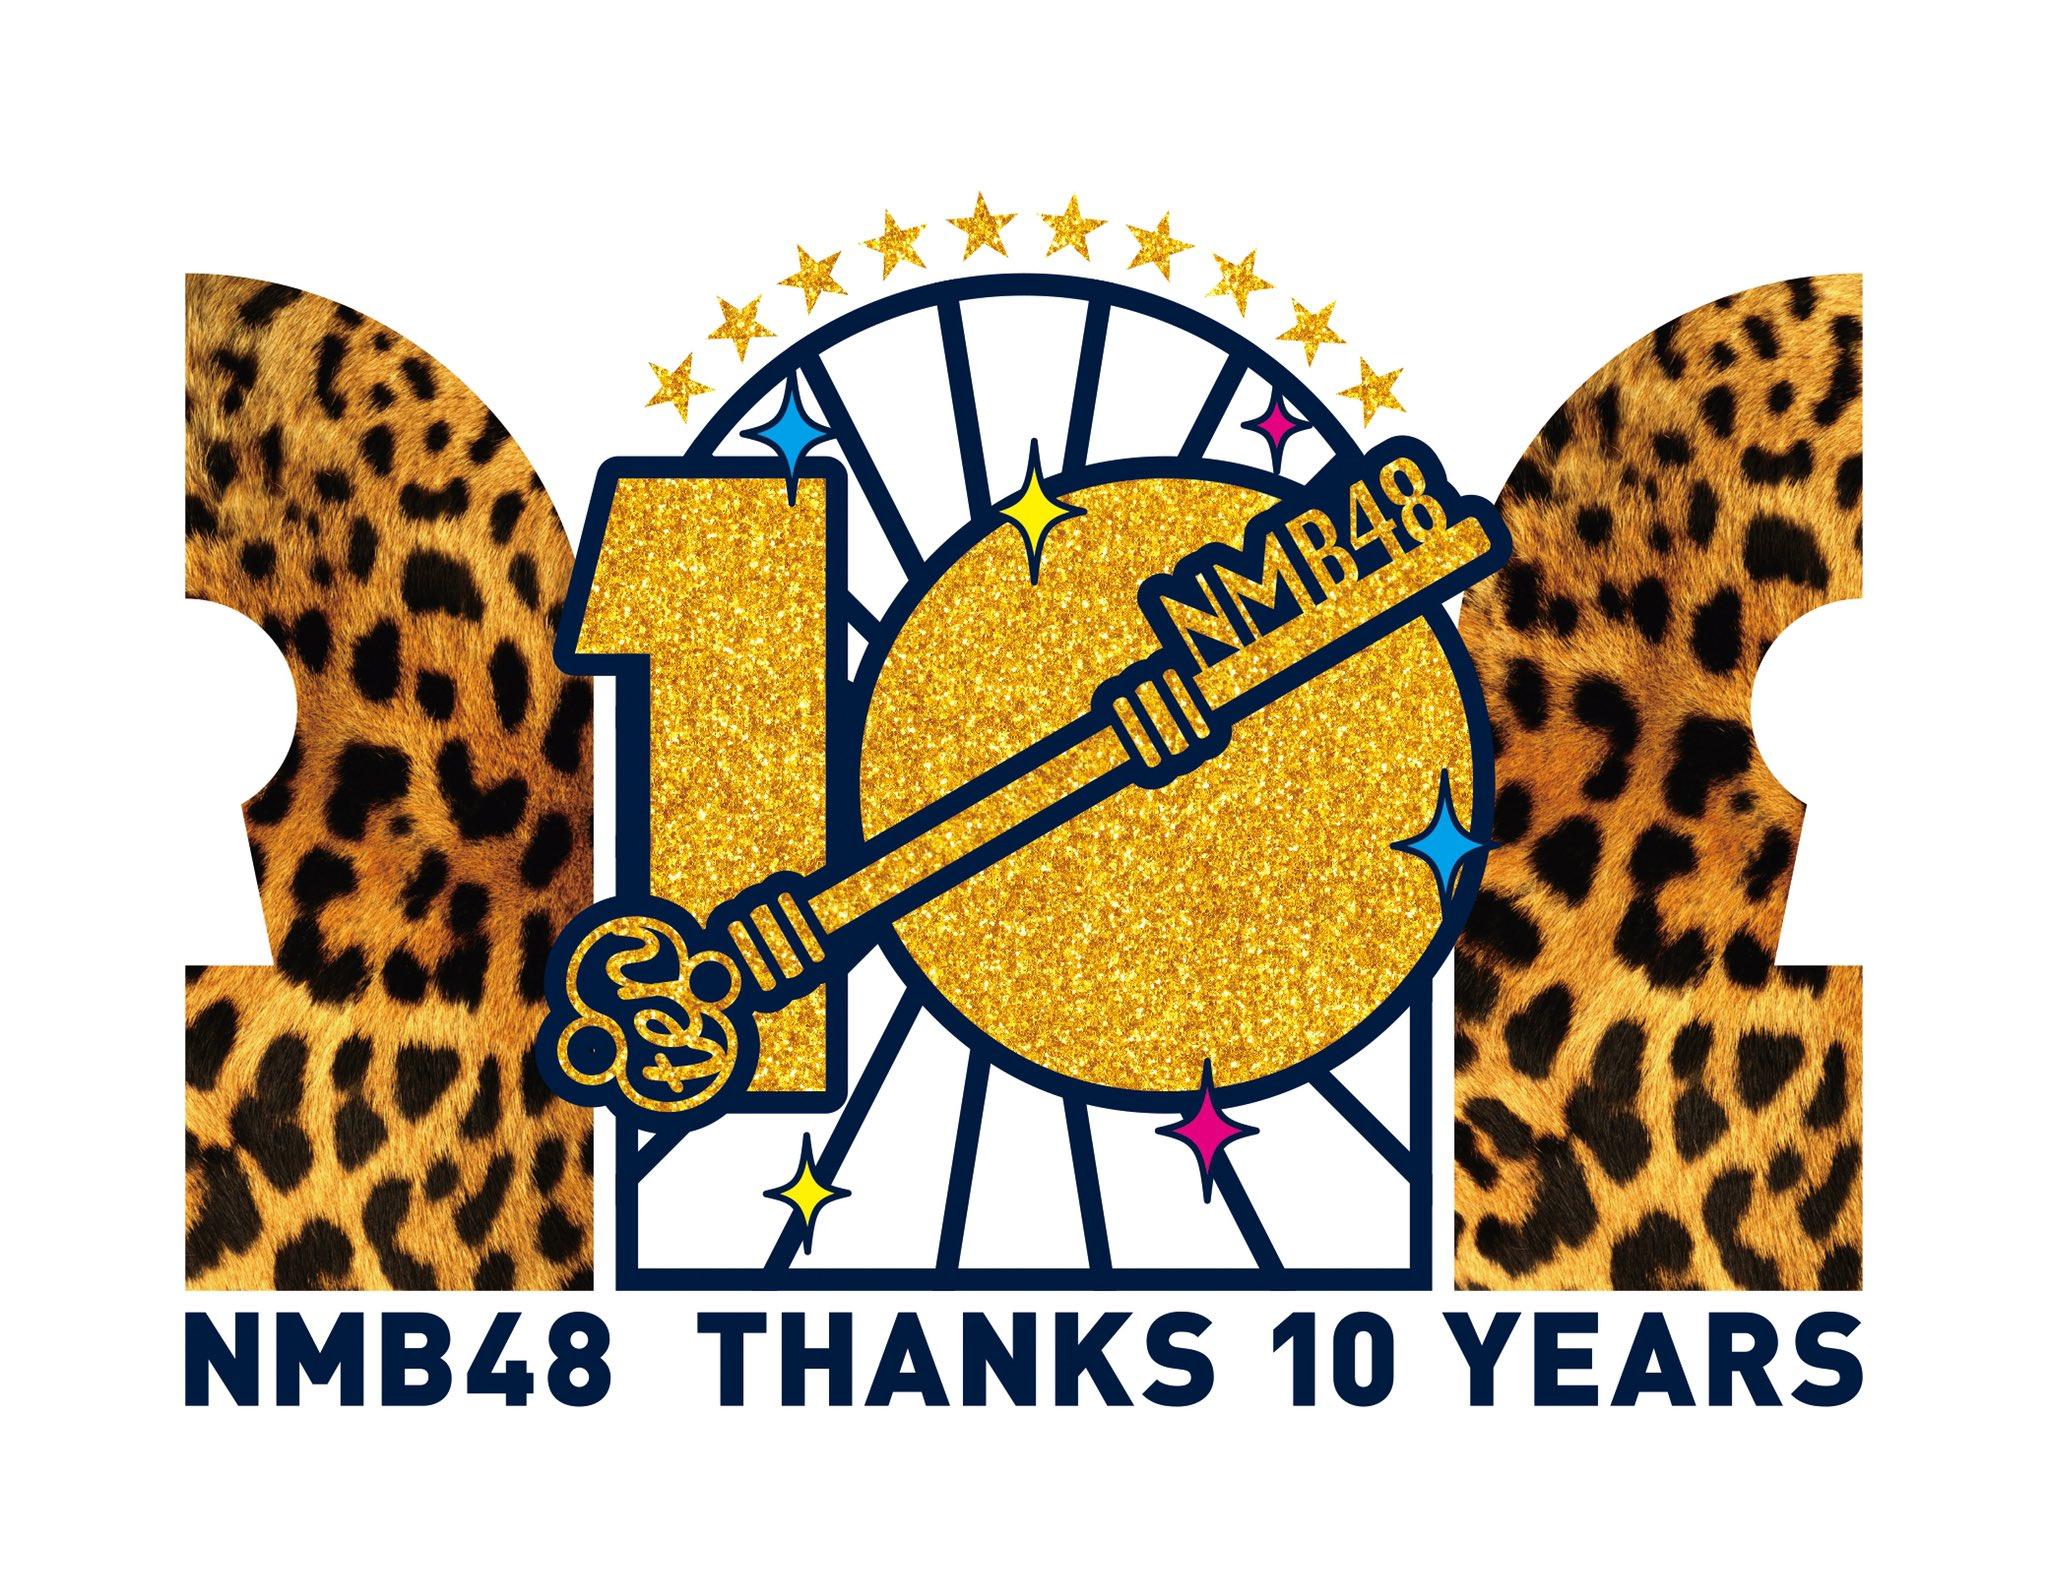 【NMB48】24thシングル「恋なんかNo thank you!」選抜発表や10周年記念など色々